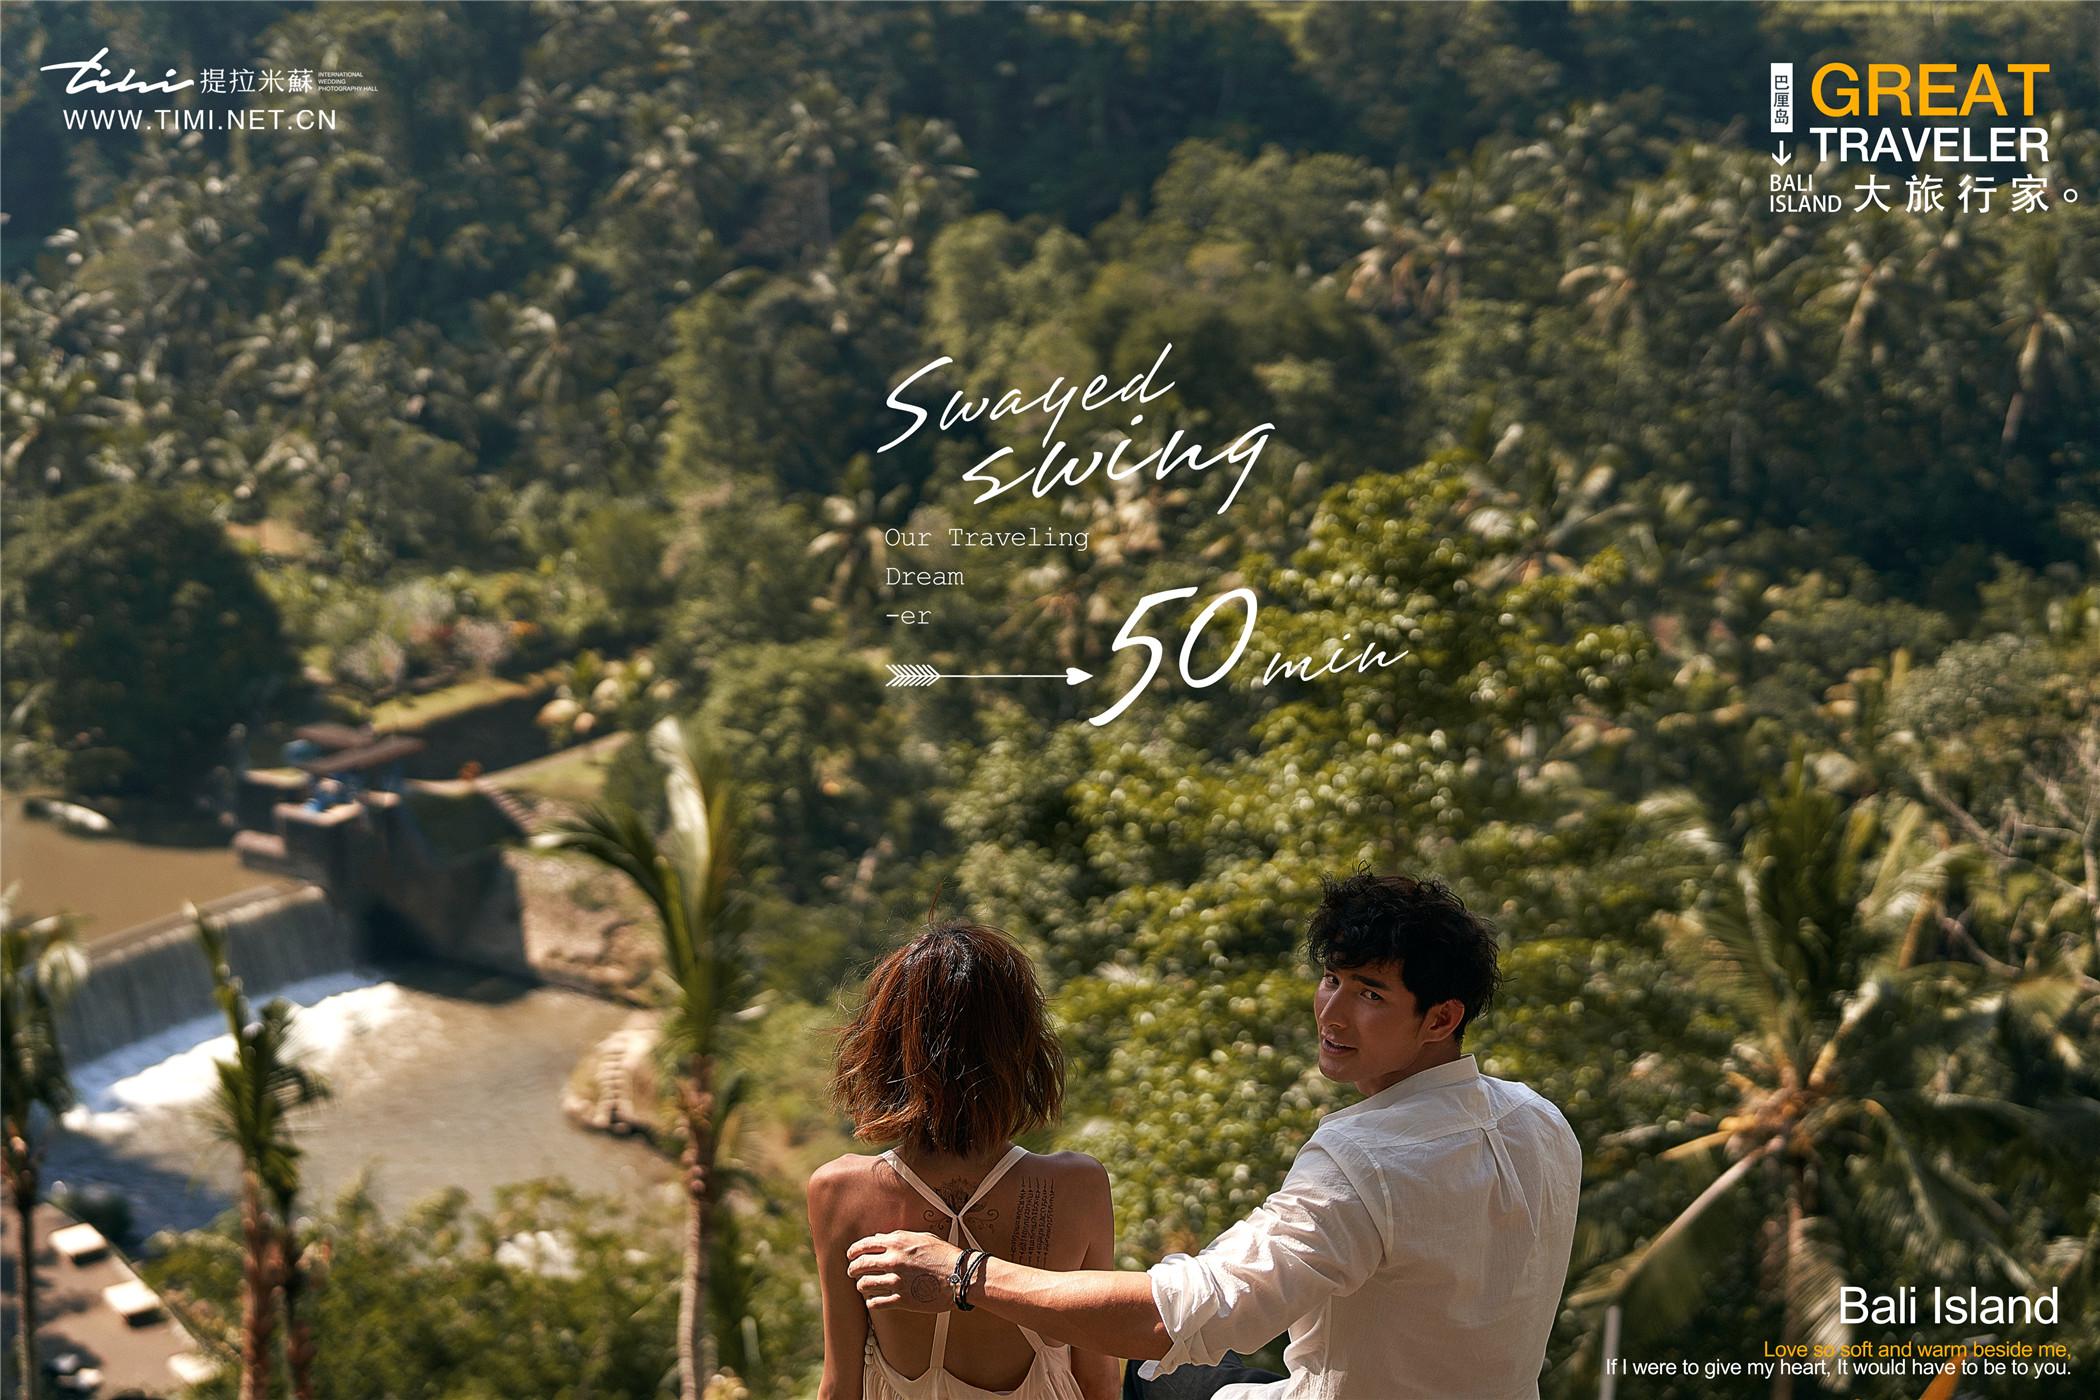 巴厘岛旅拍|梦中的度假天堂